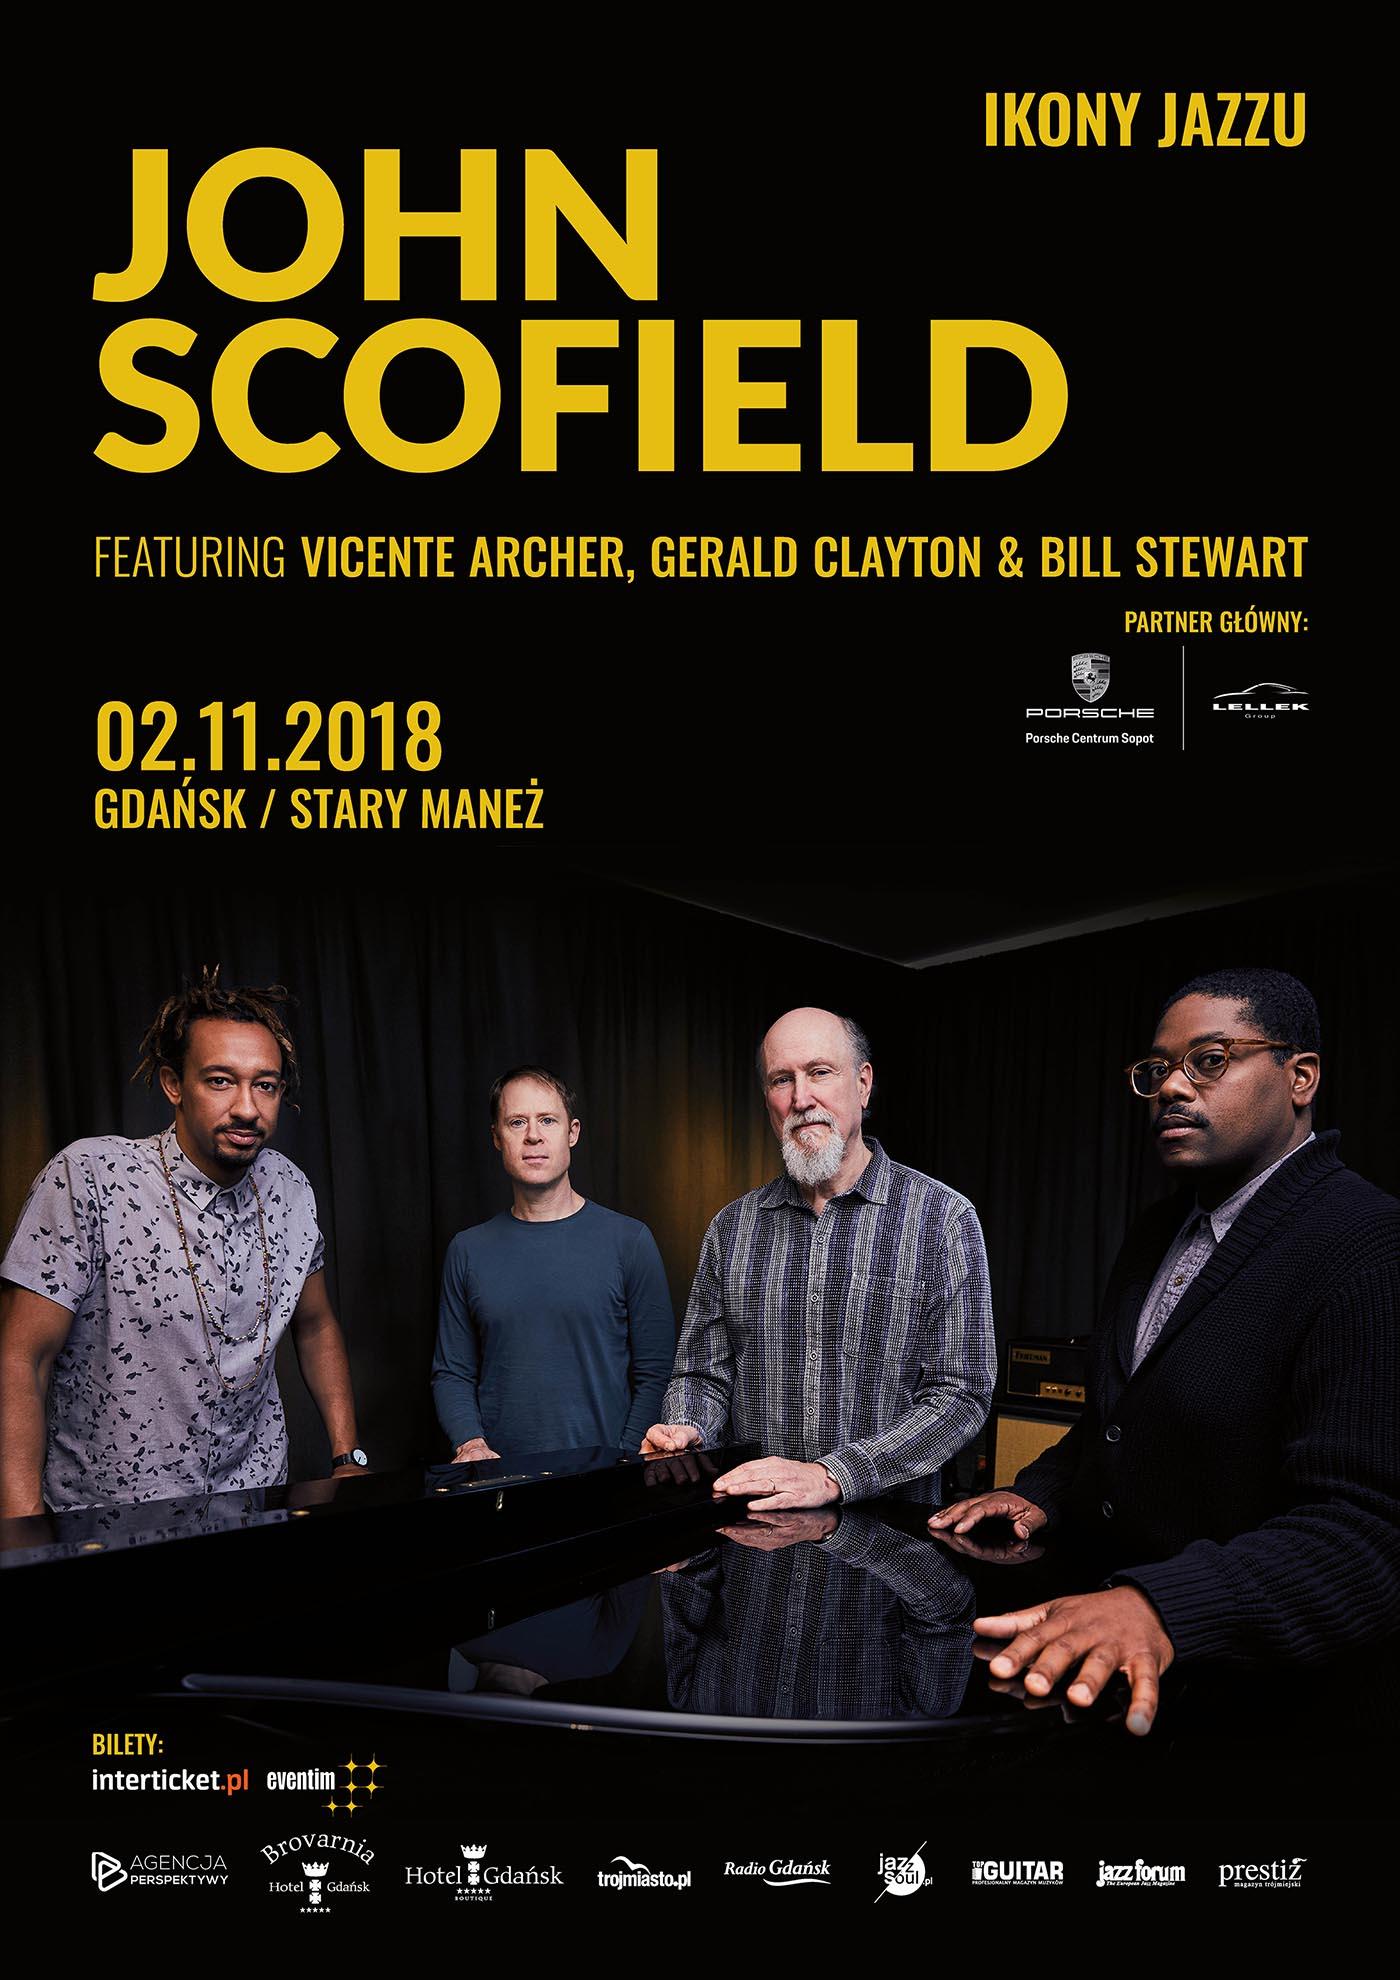 Ikony Jazzu - John Scofield - Poster